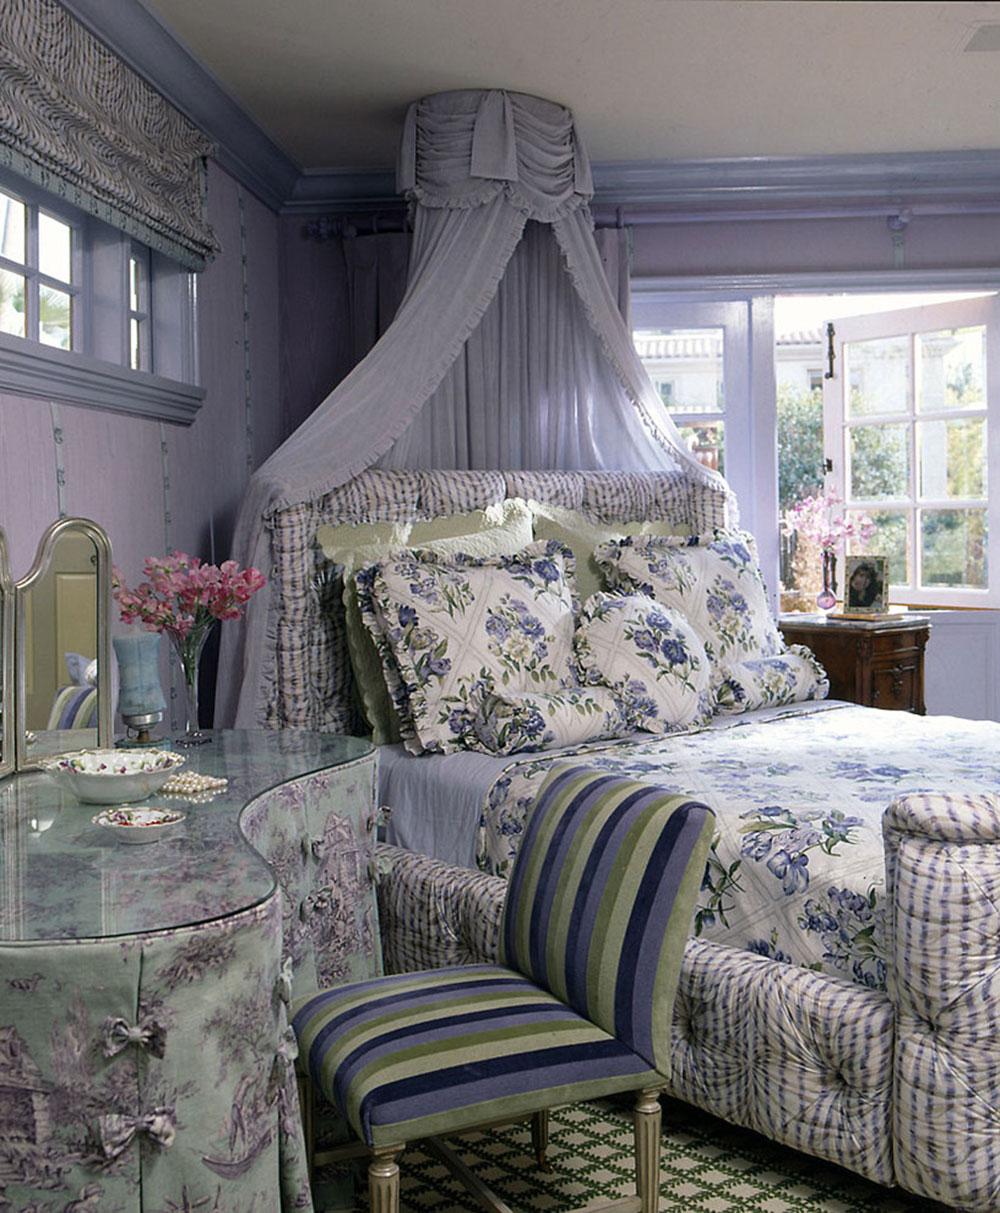 Susan-Cohen-ASID-by-Susan-Cohen-Design Les meilleurs draps en flanelle que vous pouvez obtenir pour votre chambre confortable